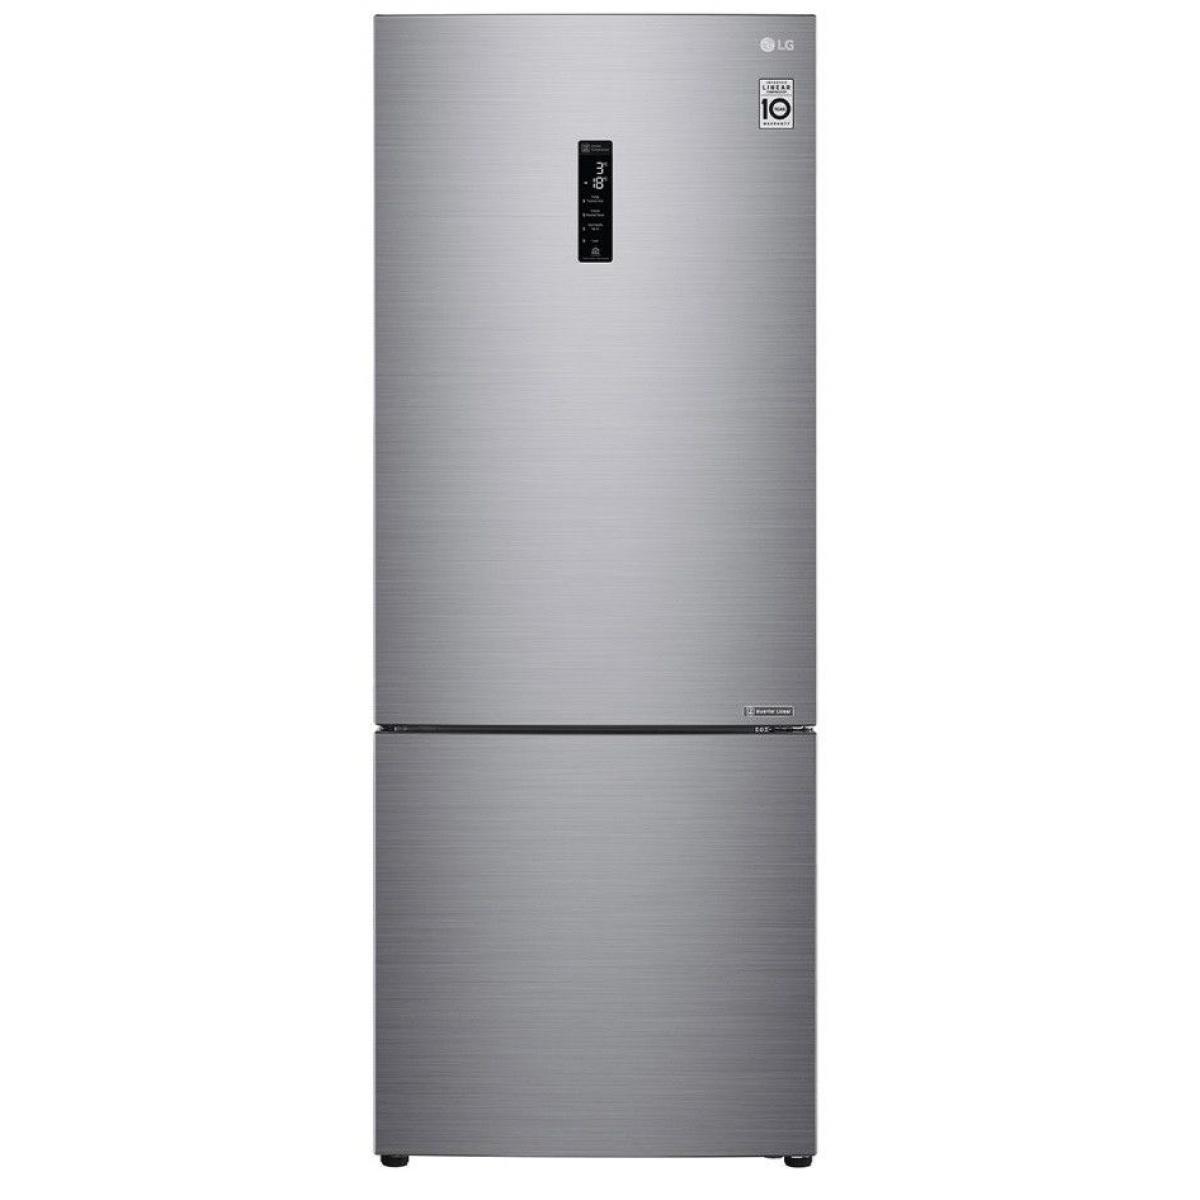 LG Réfrigérateur combiné 329L Froid Ventilé LG 70cm A++, GBB 566 PZHZN